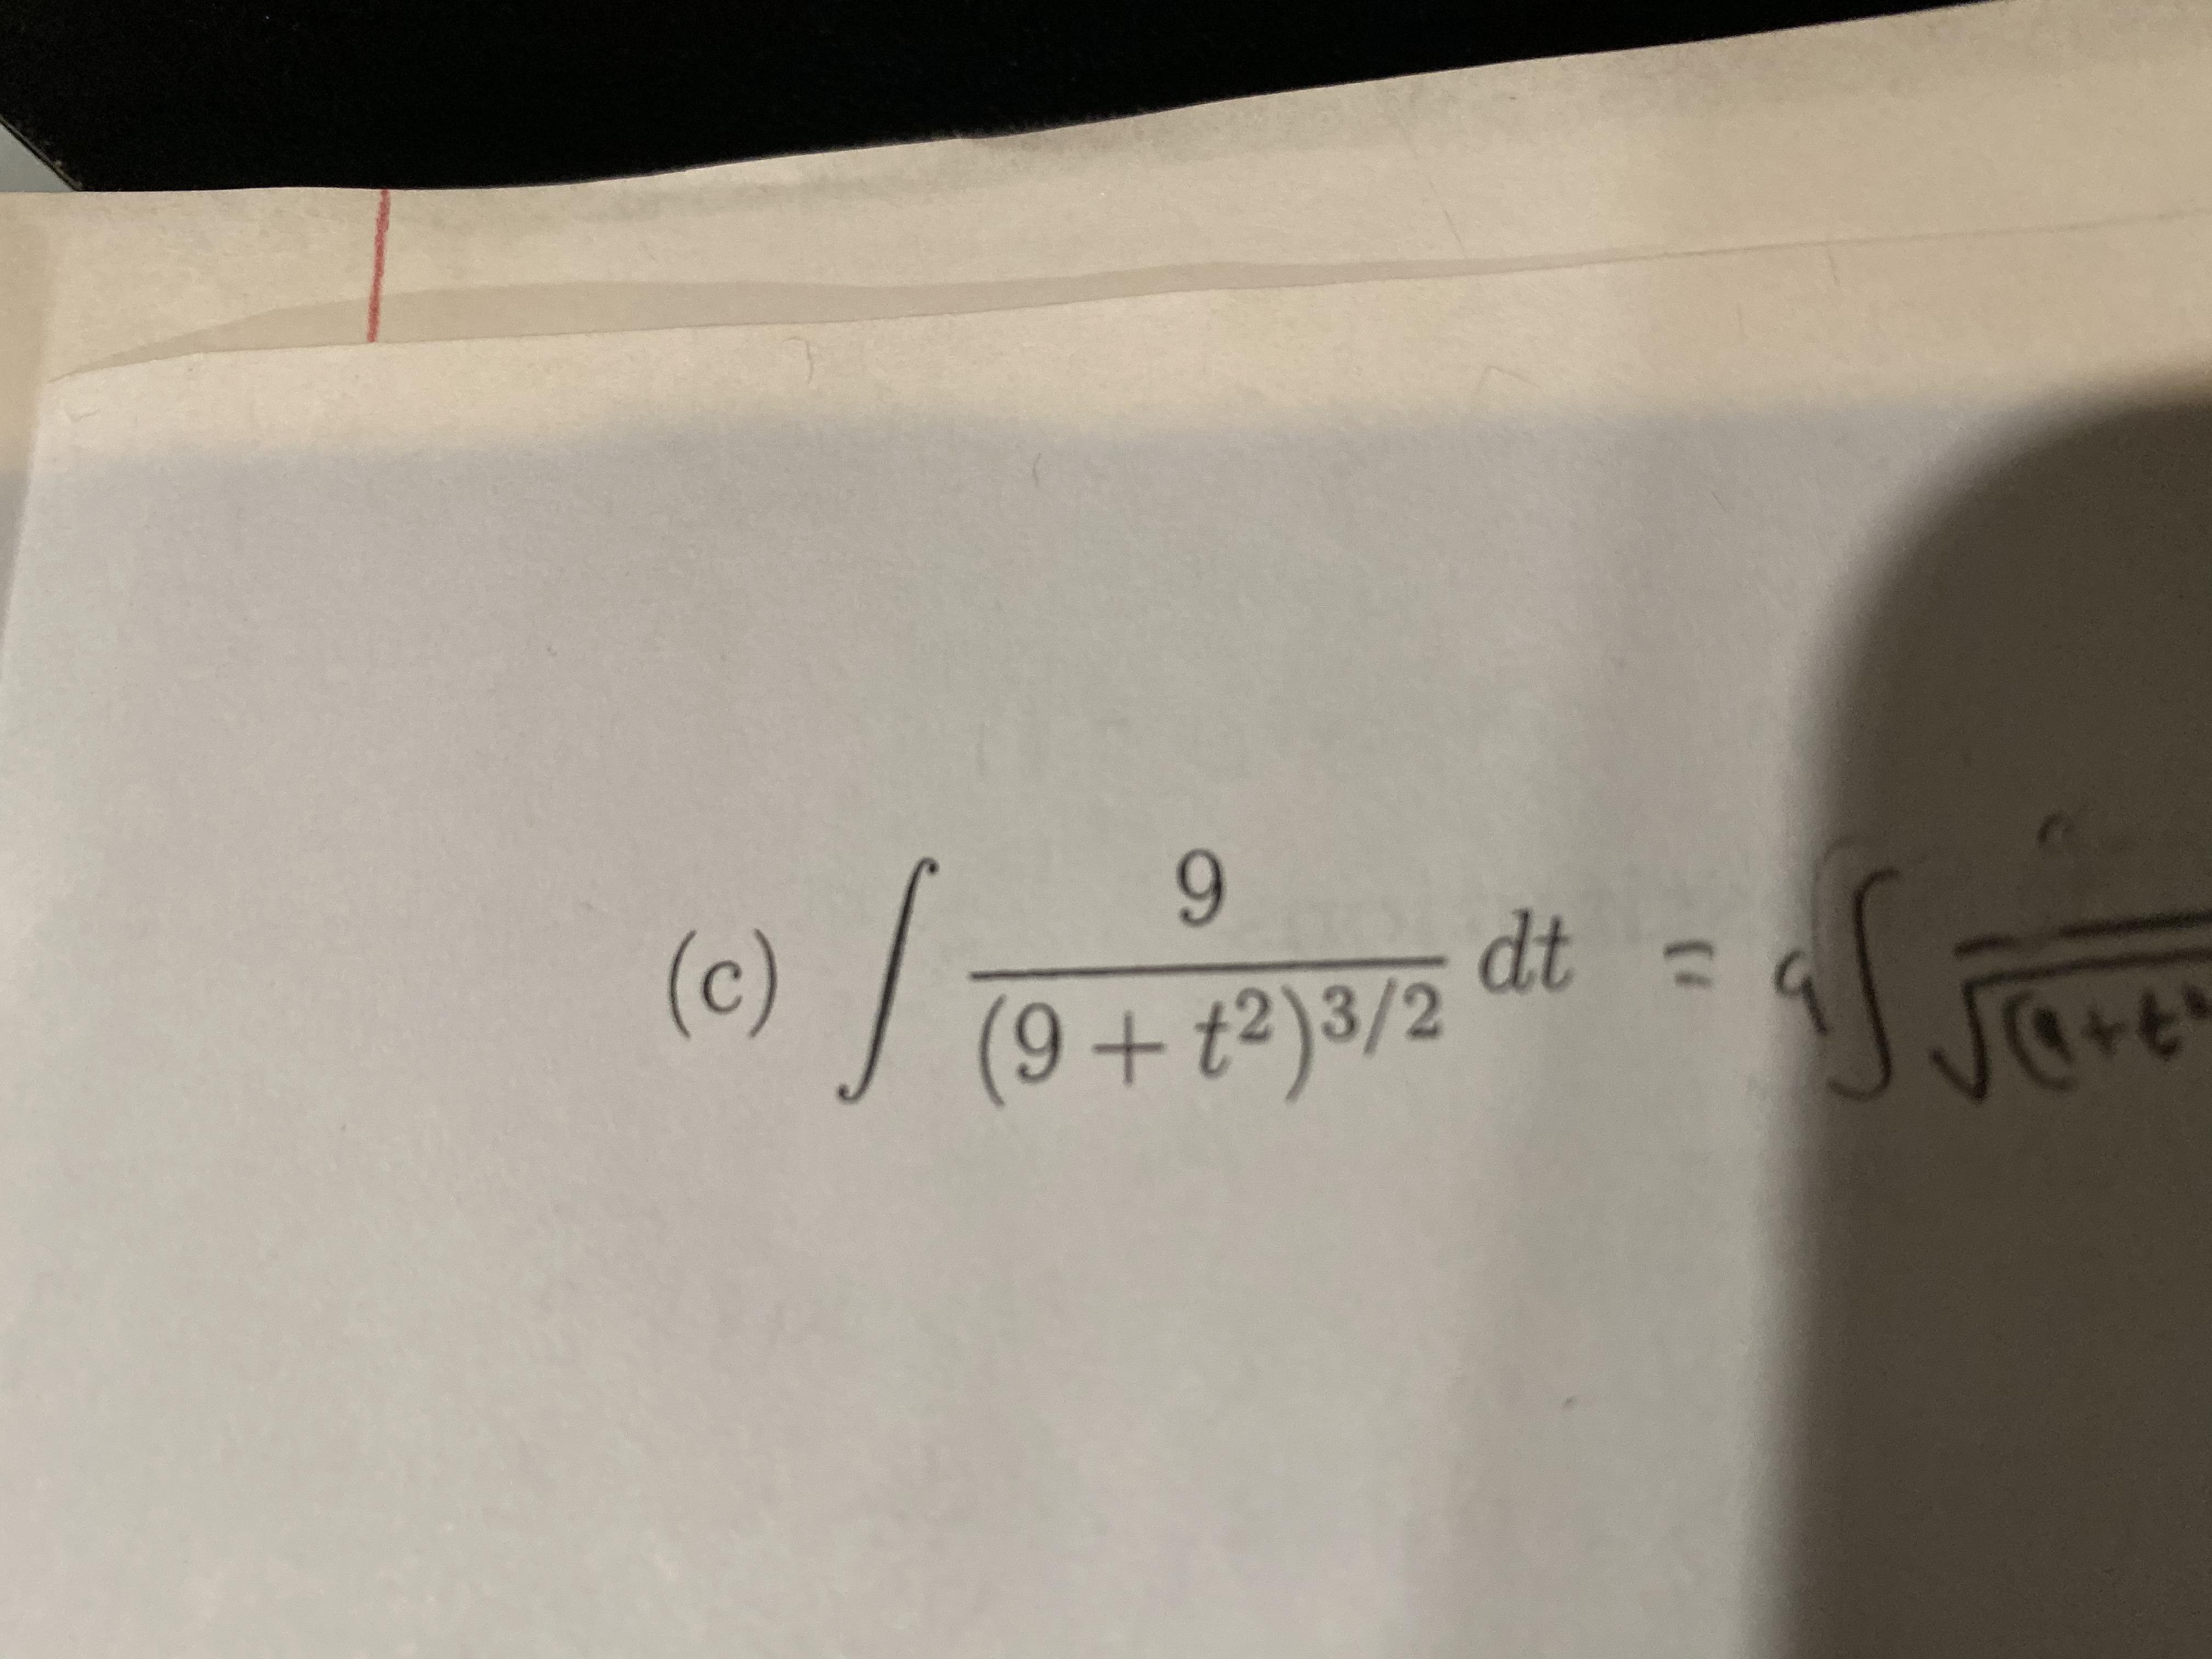 dt = (c) (9+t2)3/2